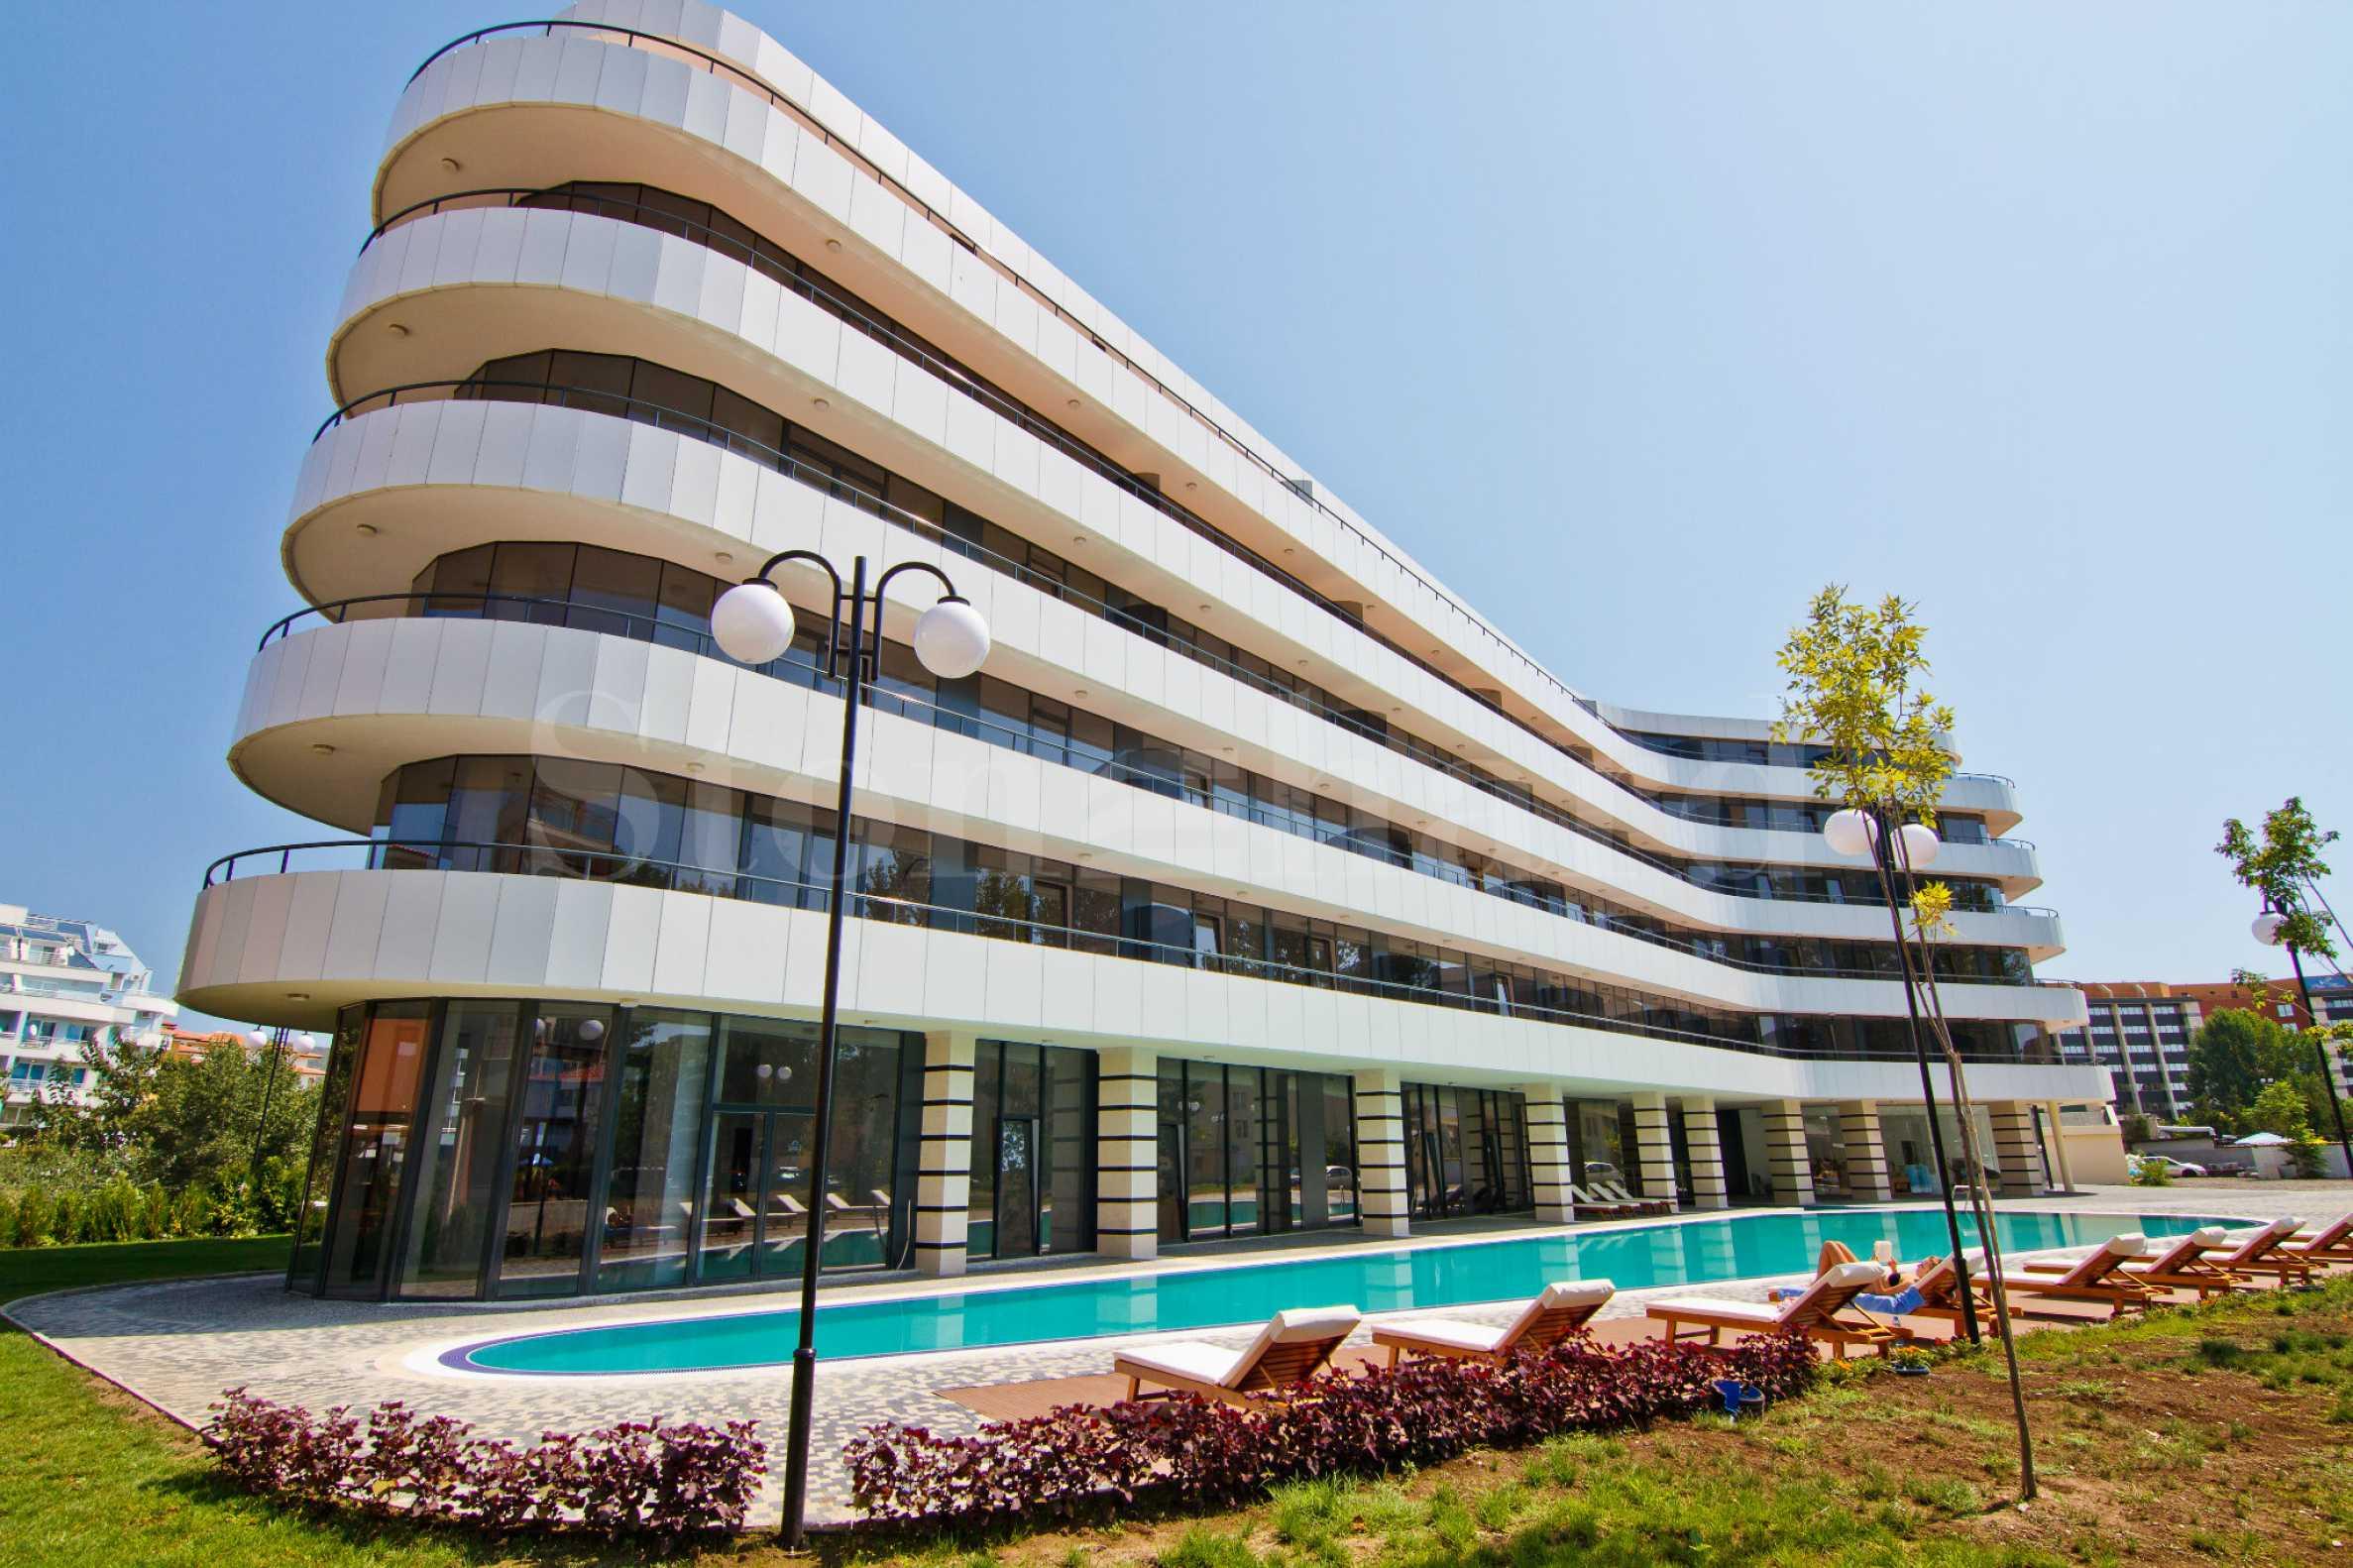 Елитен ваканционен комплекс с невероятна архитектура2 - Stonehard